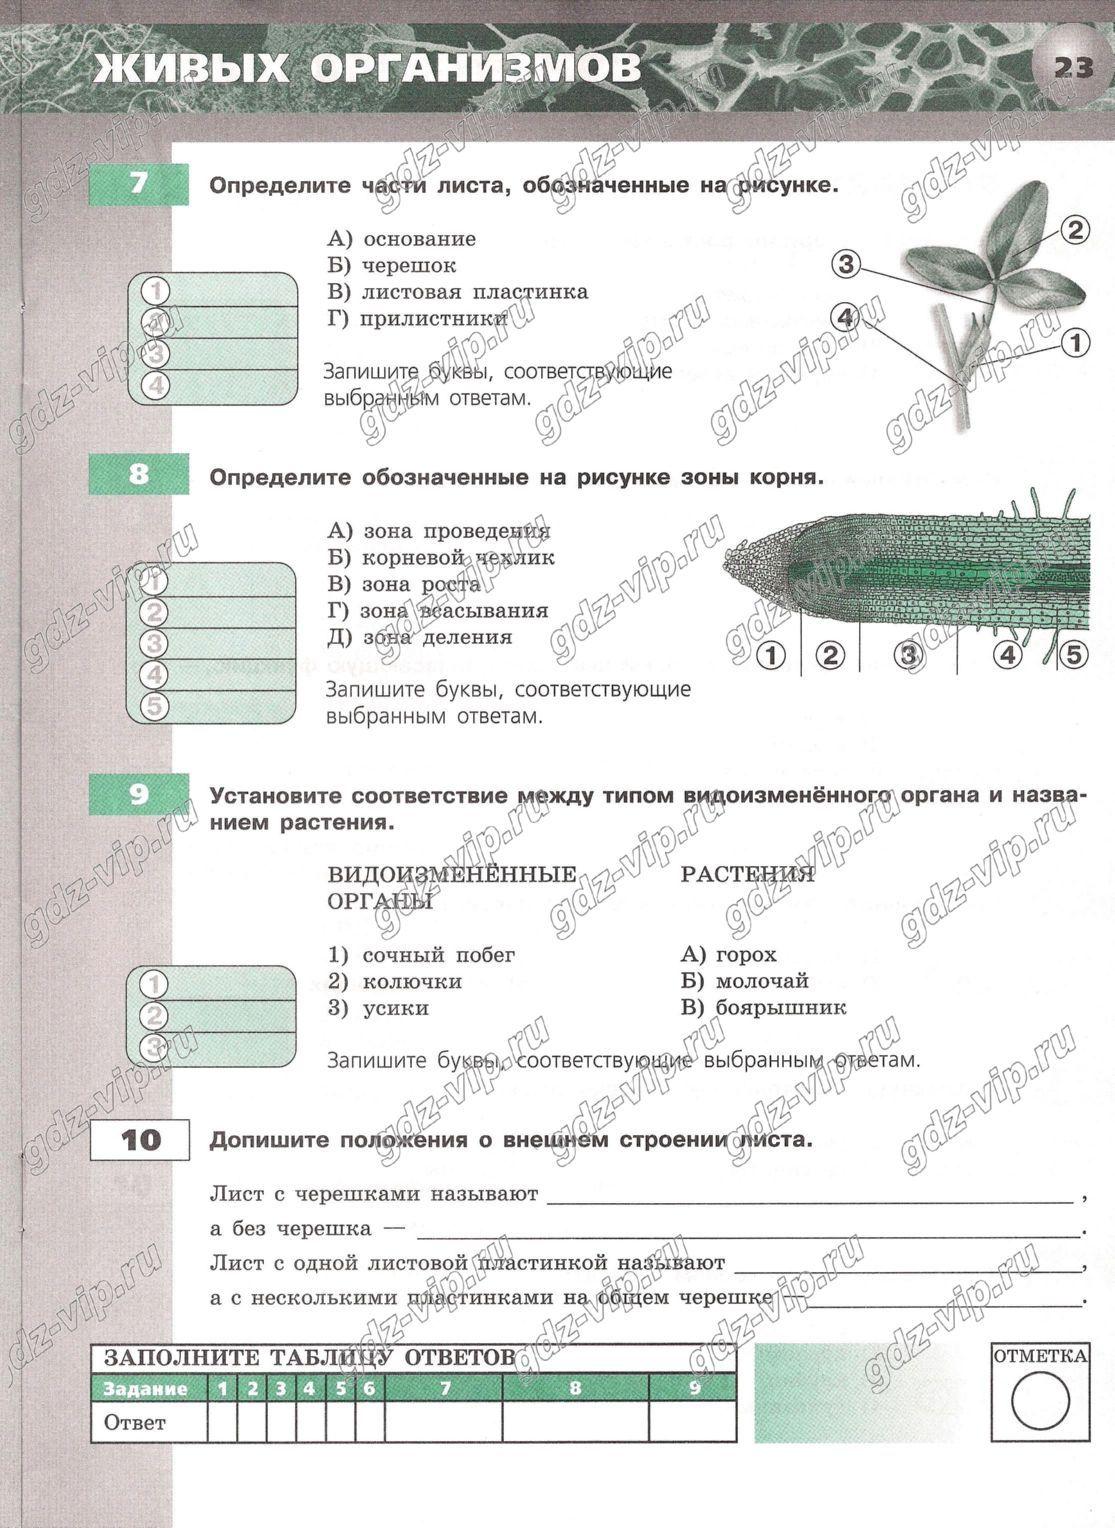 Гдз по русскому языку тасс баранов